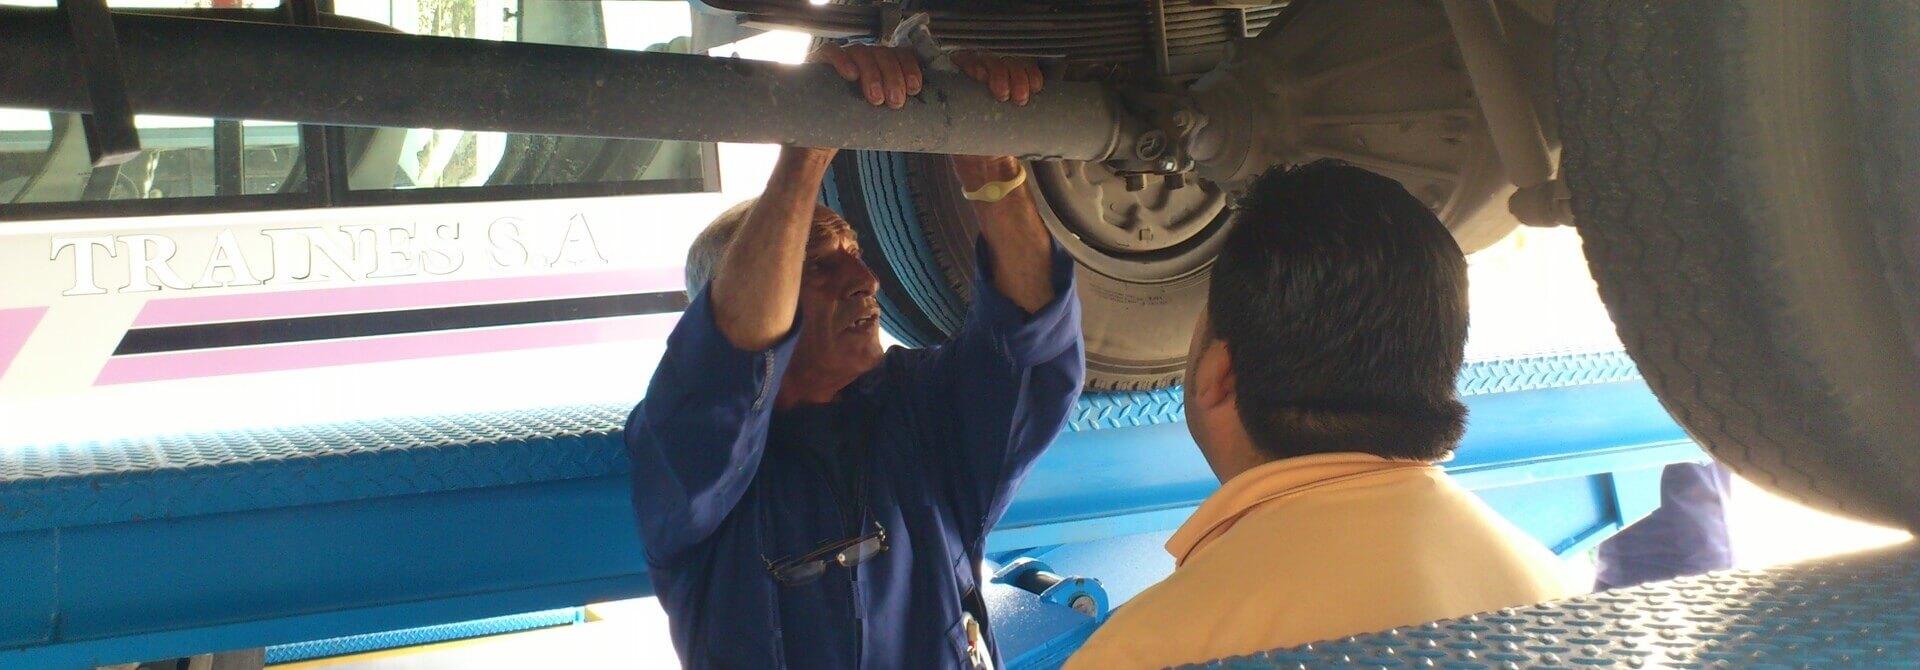 Mantenimiento preventivo de buses